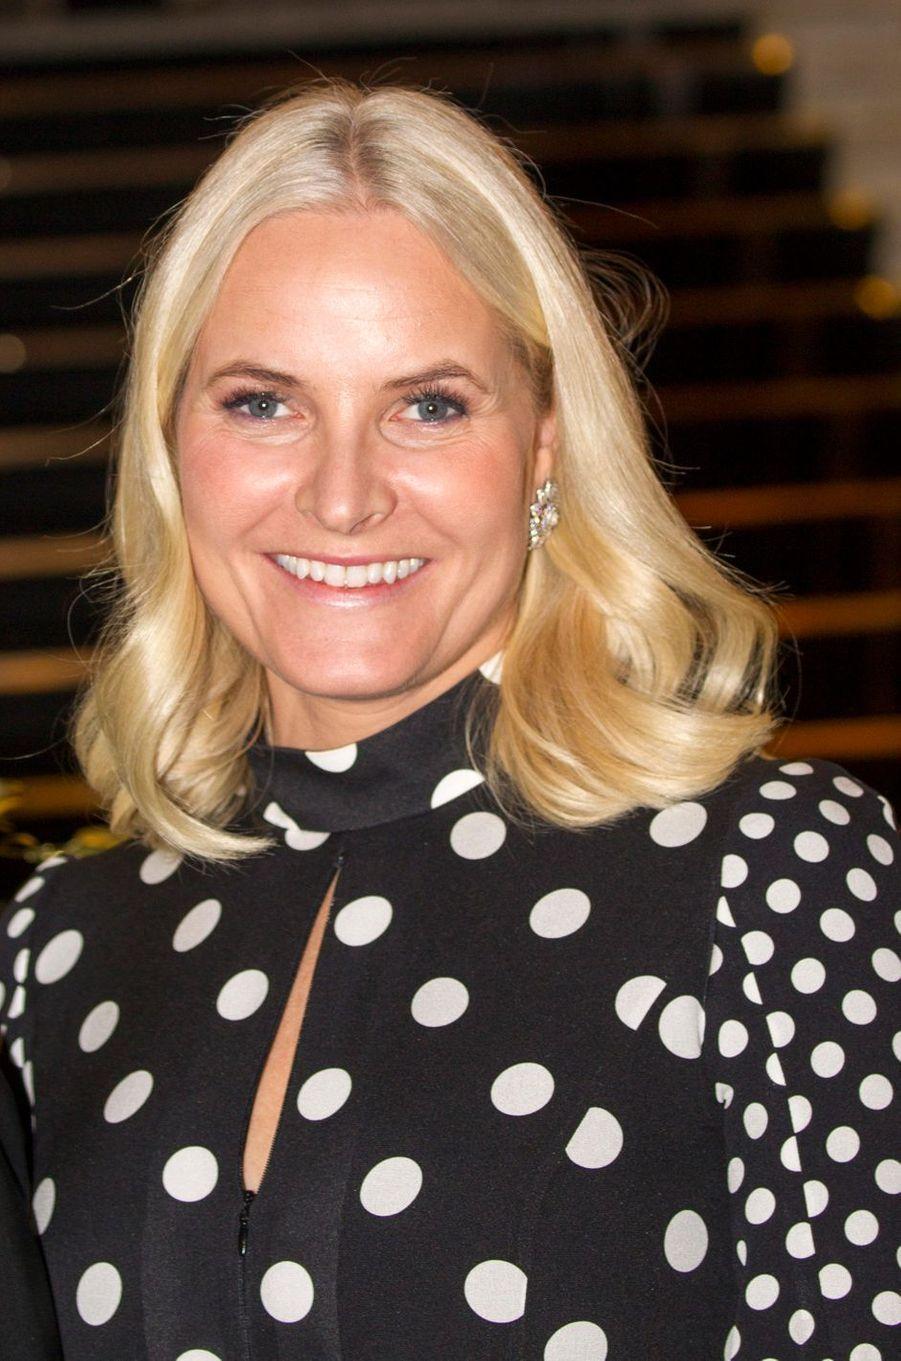 La princesse Mette-Marit de Norvège à Oslo, le 10 décembre 2018